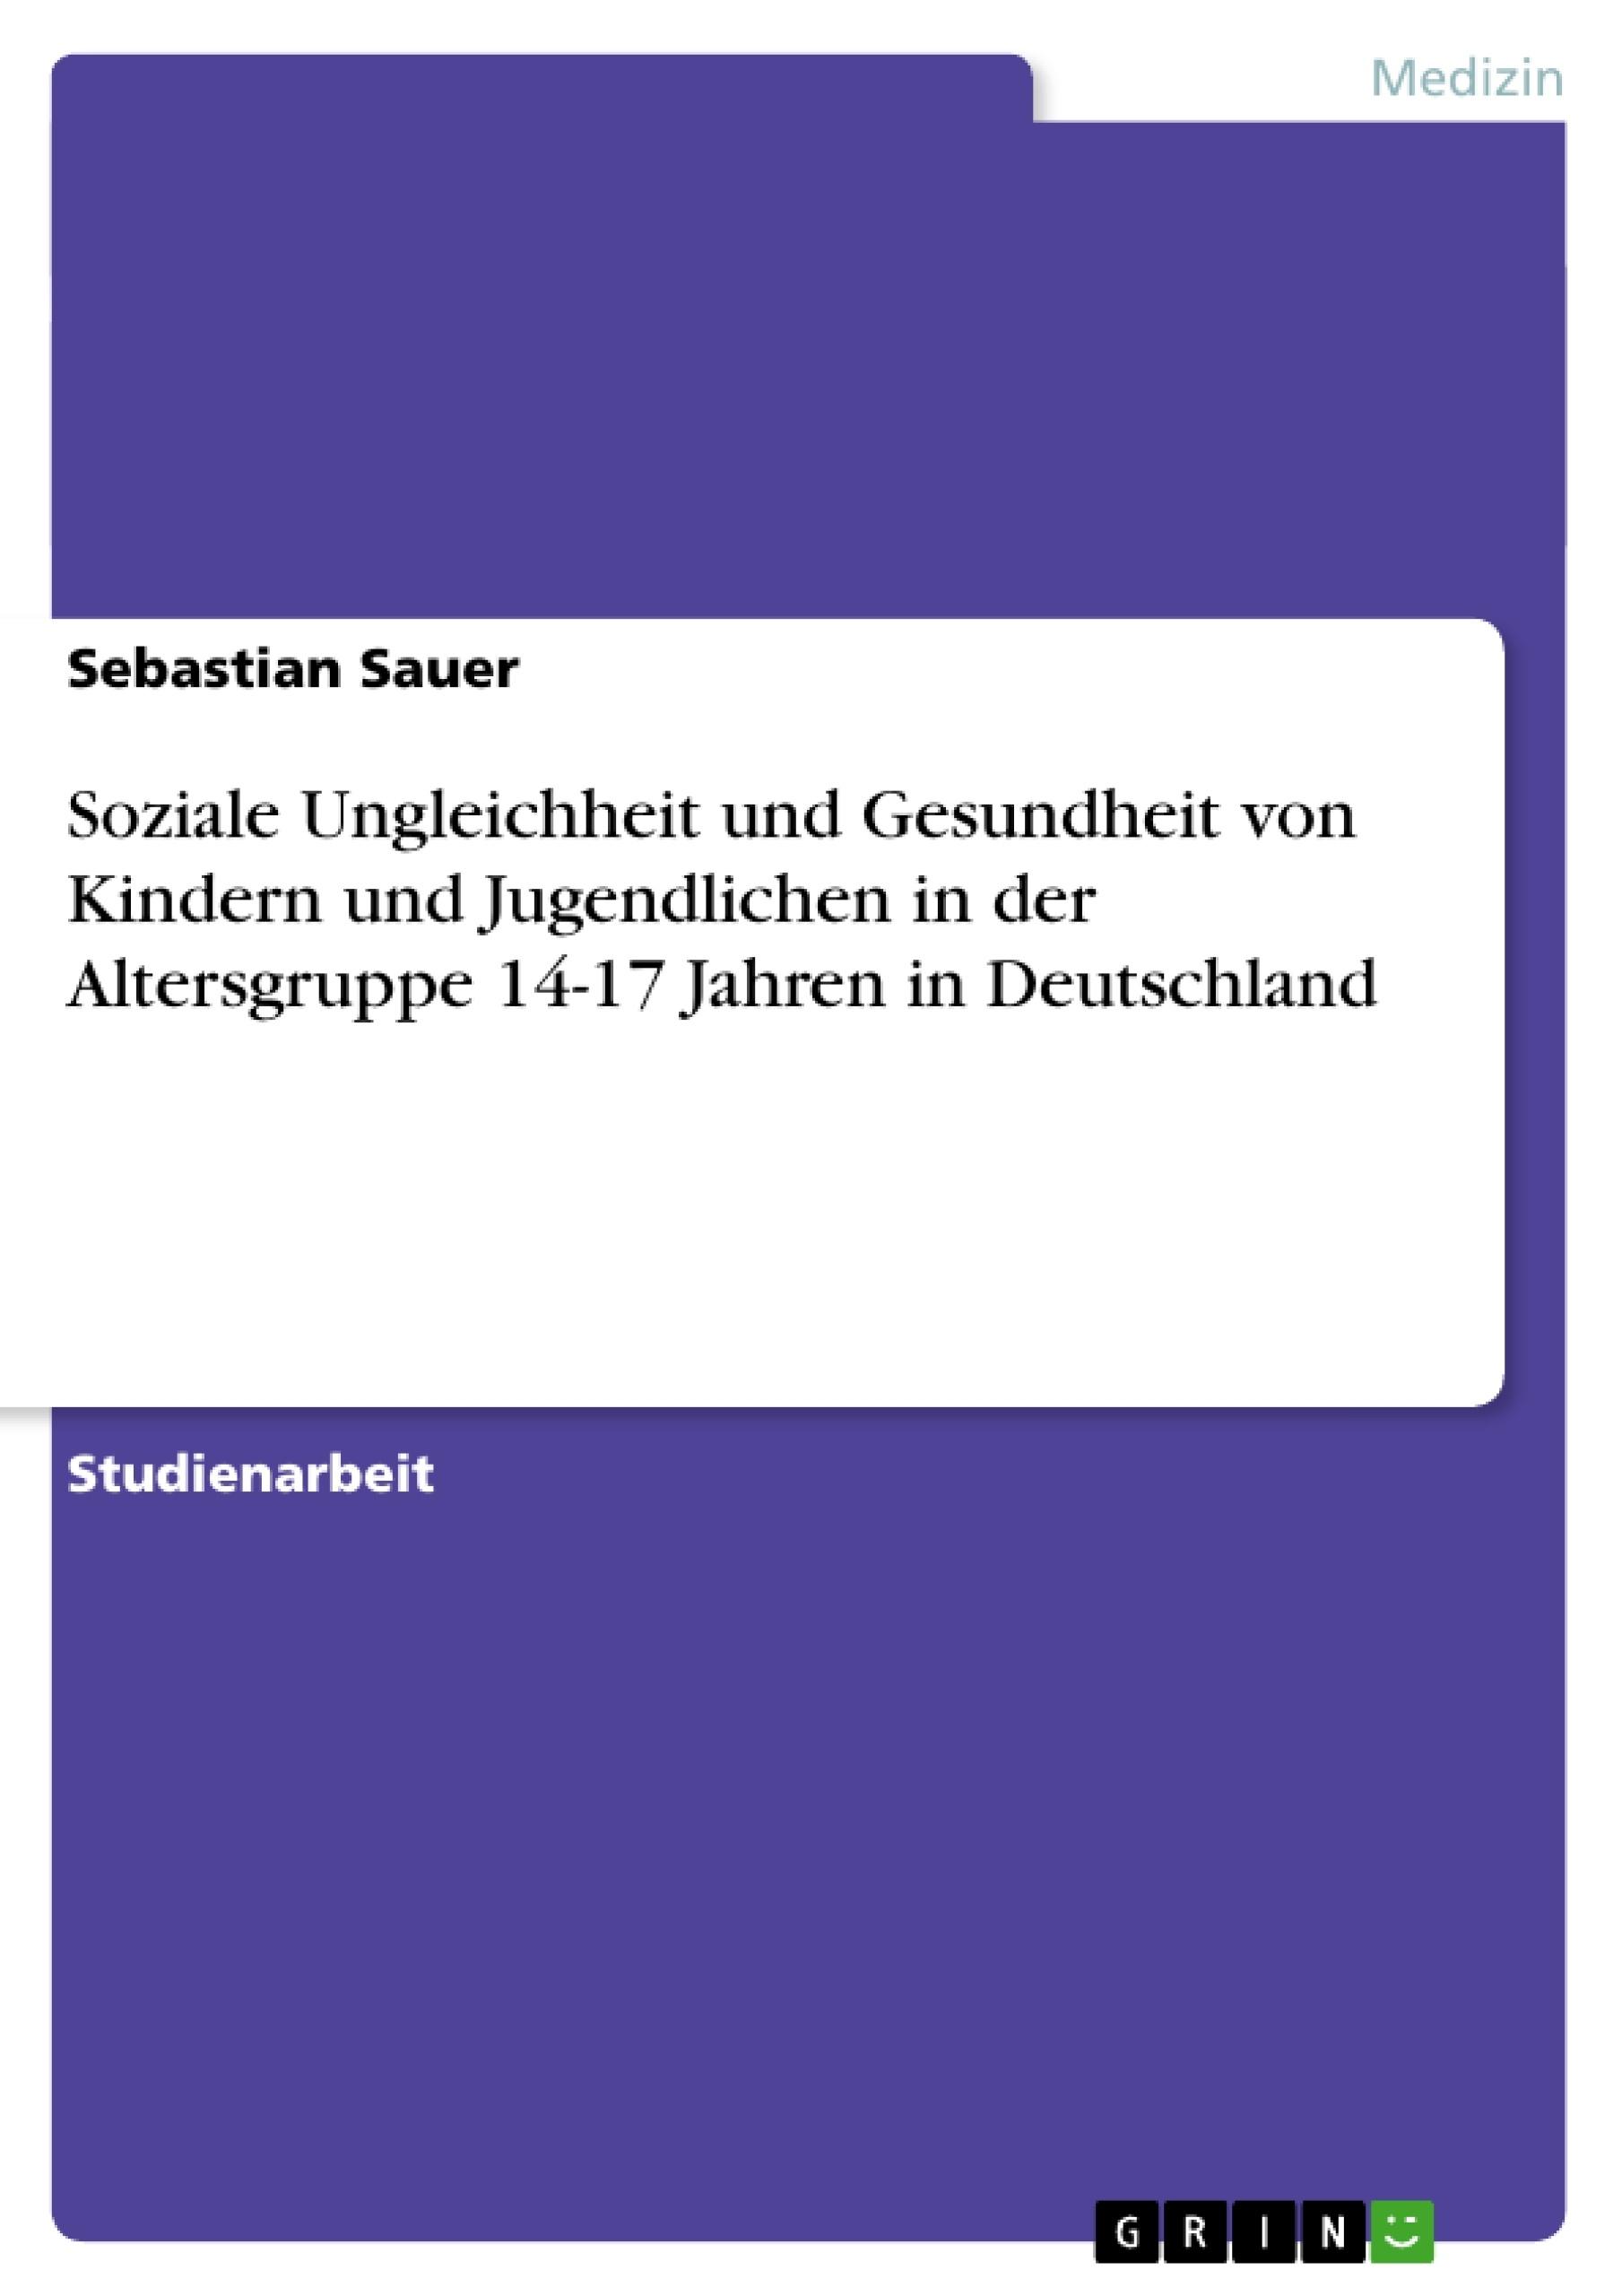 Titel: Soziale Ungleichheit und Gesundheit von Kindern und Jugendlichen in der Altersgruppe 14-17 Jahren in Deutschland